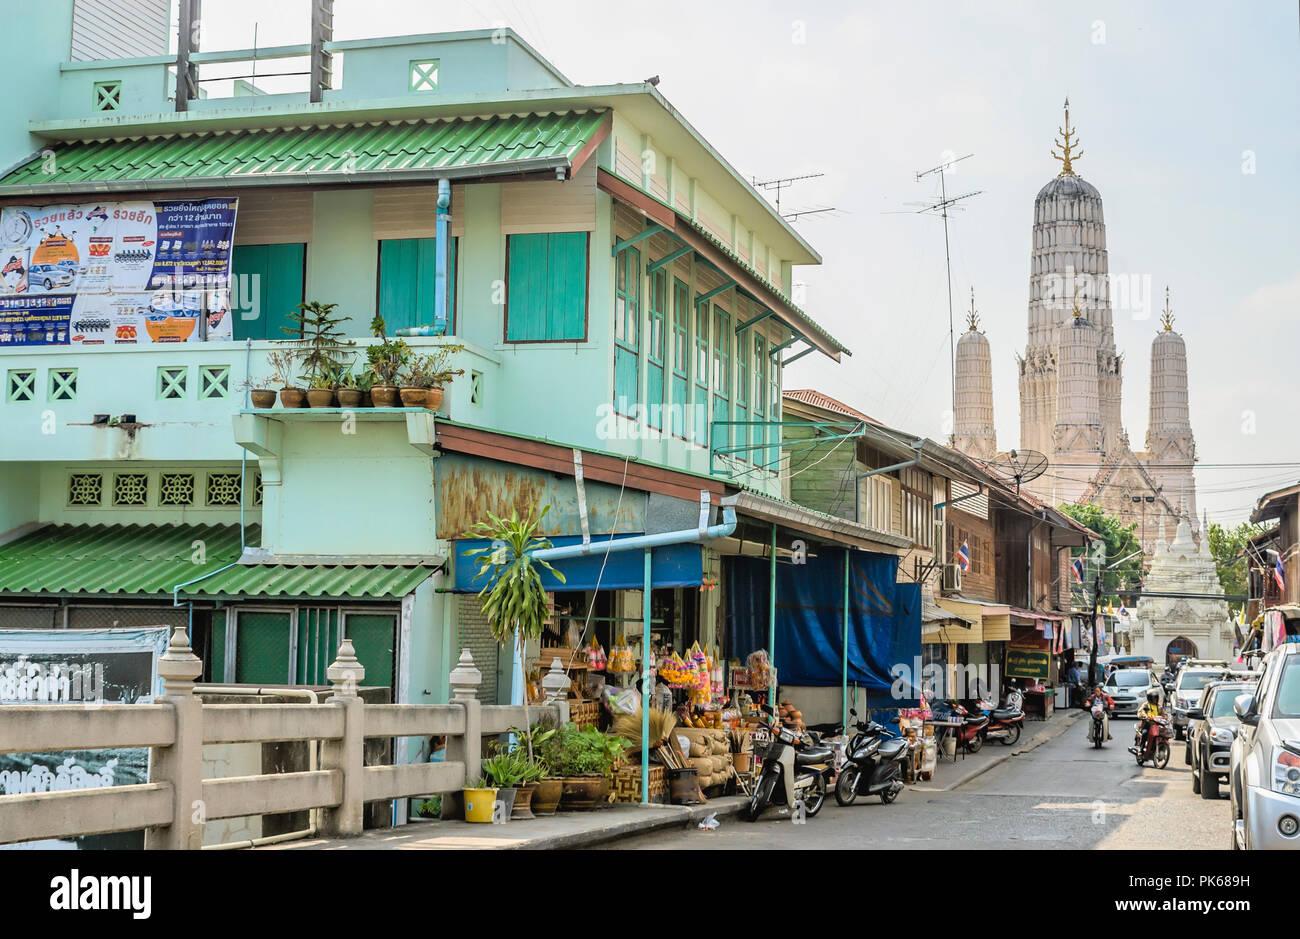 Historical Shophouses in Phetchaburi, Thailand | Historische Shophaeuser in Phetchaburi, Thailand - Stock Image